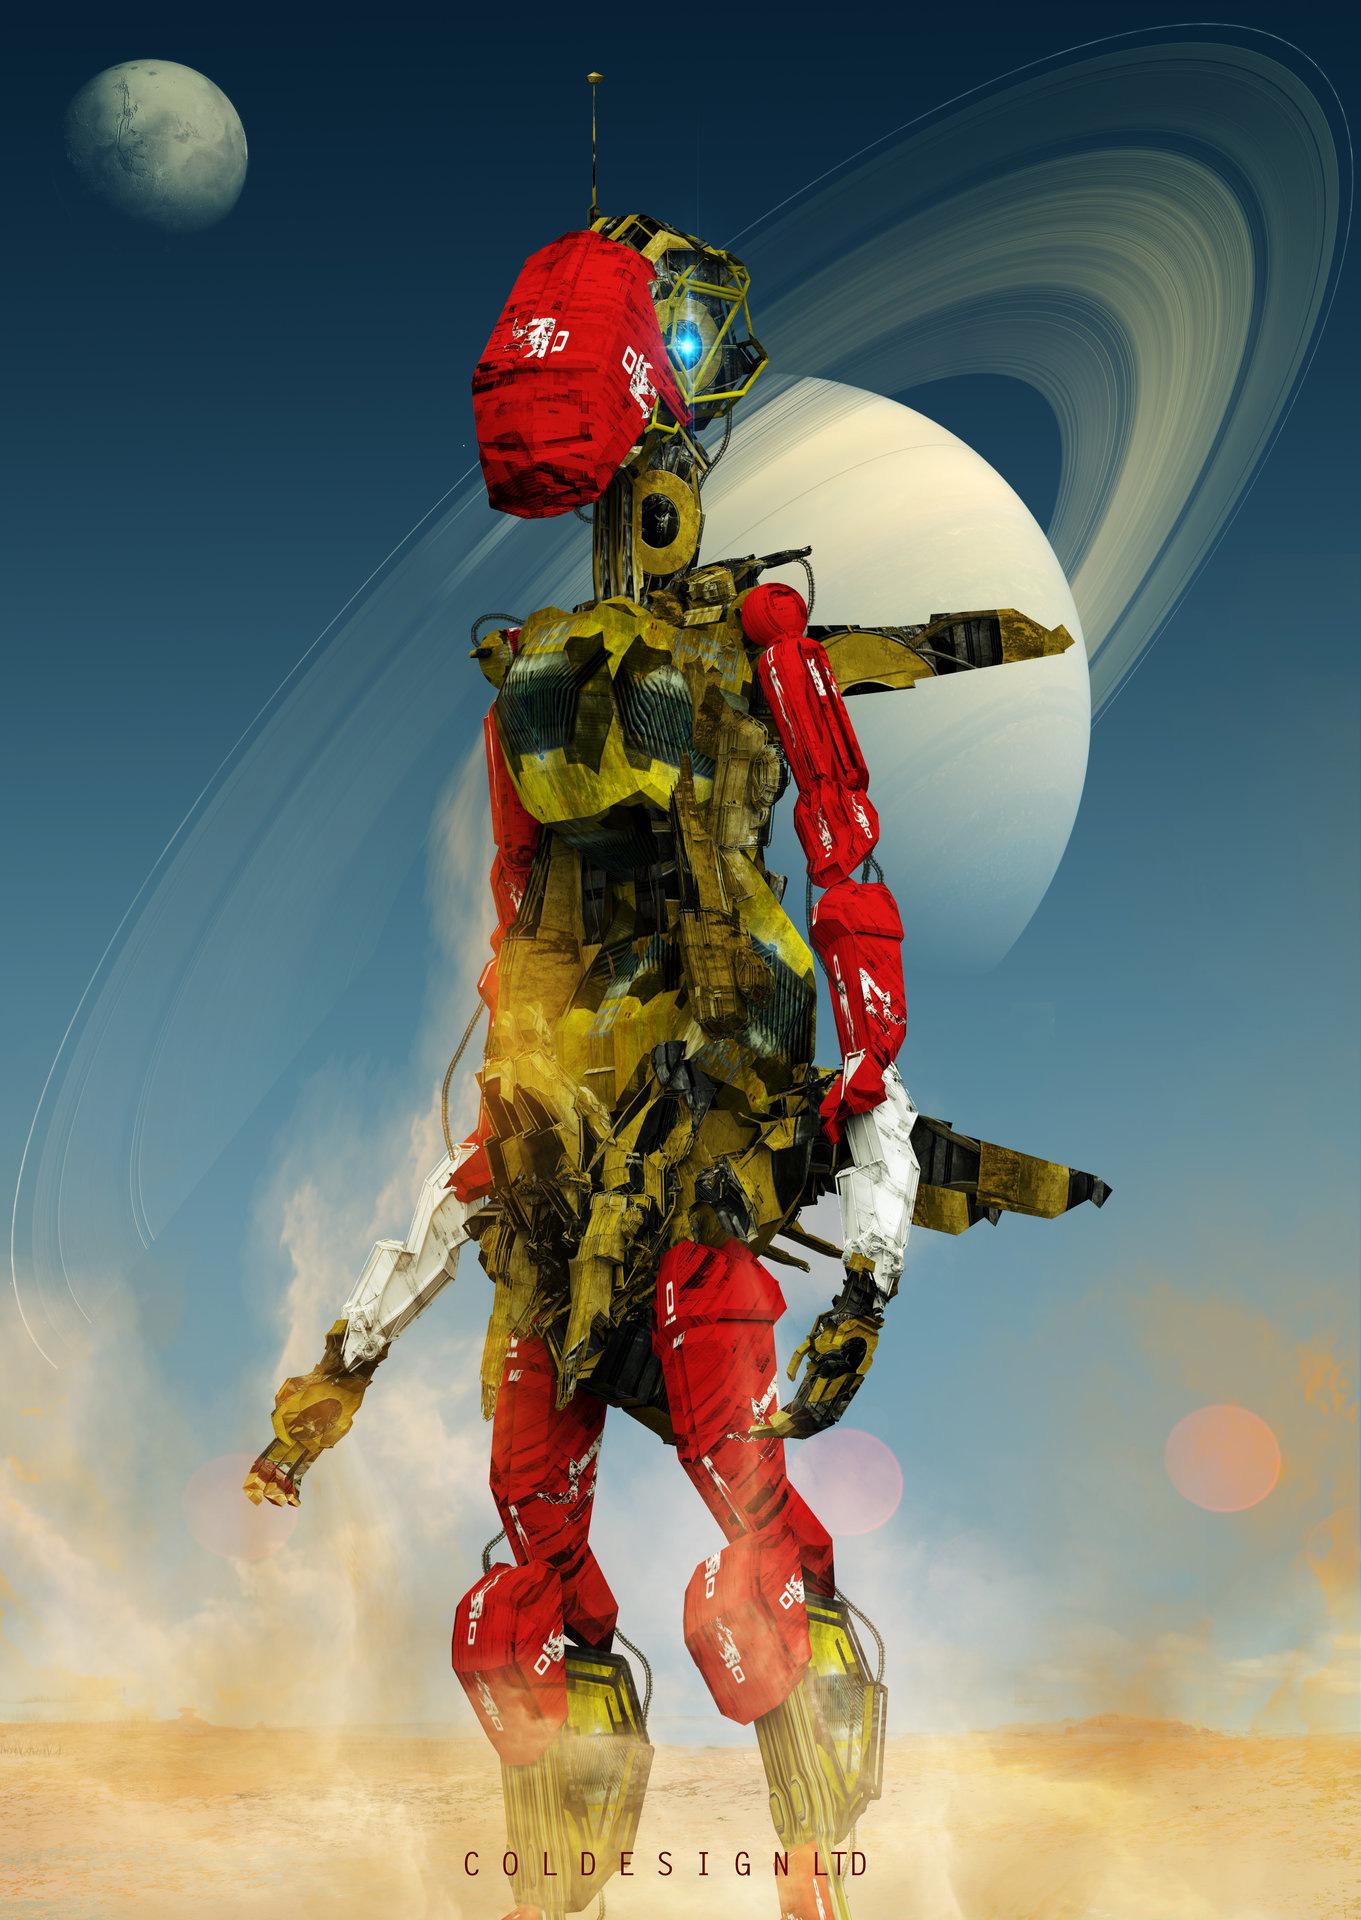 robot science fiction concept - photo #17